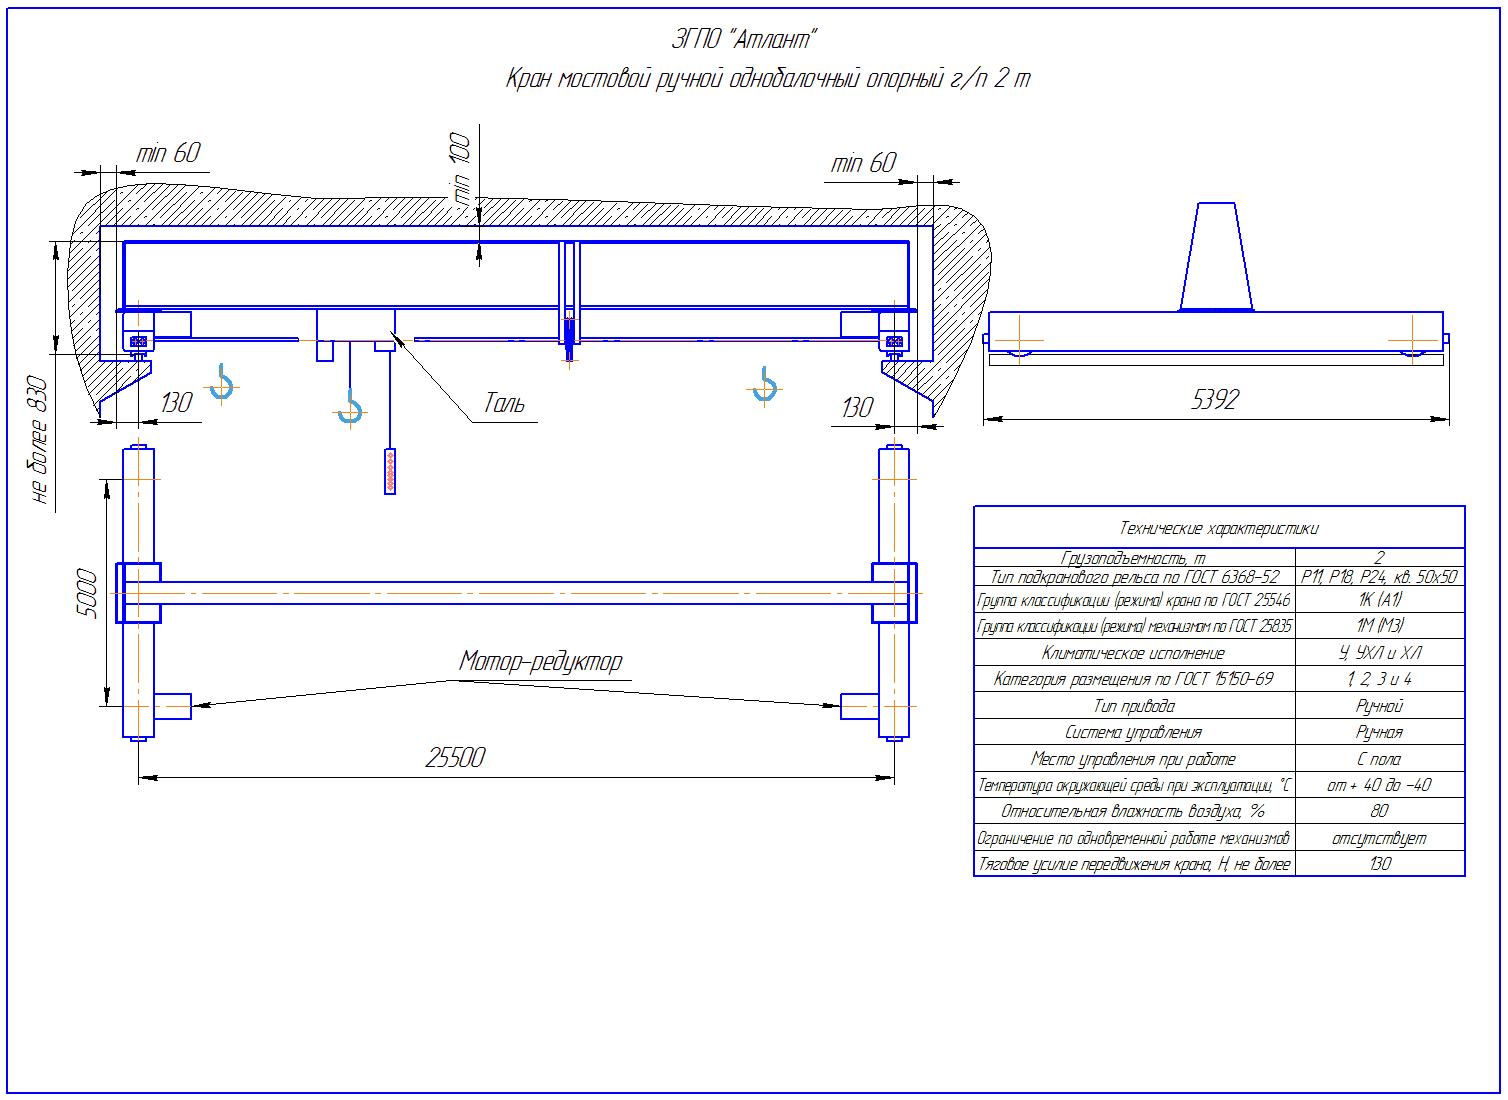 KRMOO 2 255 - Кран ручной мостовой опорный однобалочный